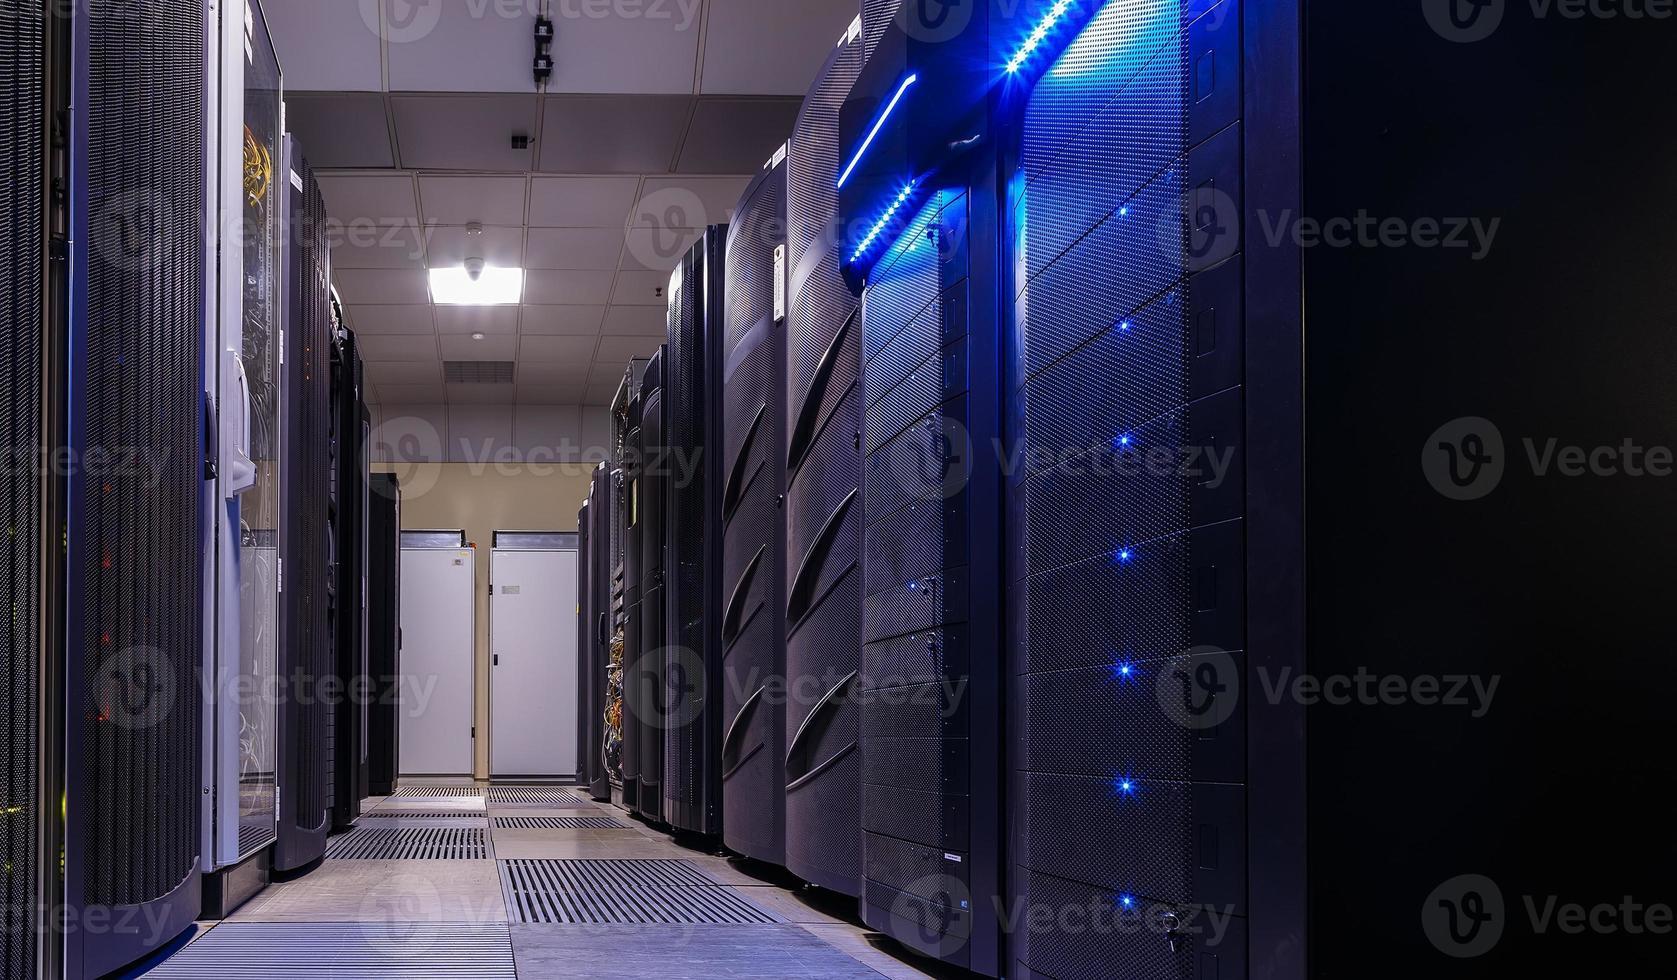 filas del centro de datos de la sala de equipos informáticos foto